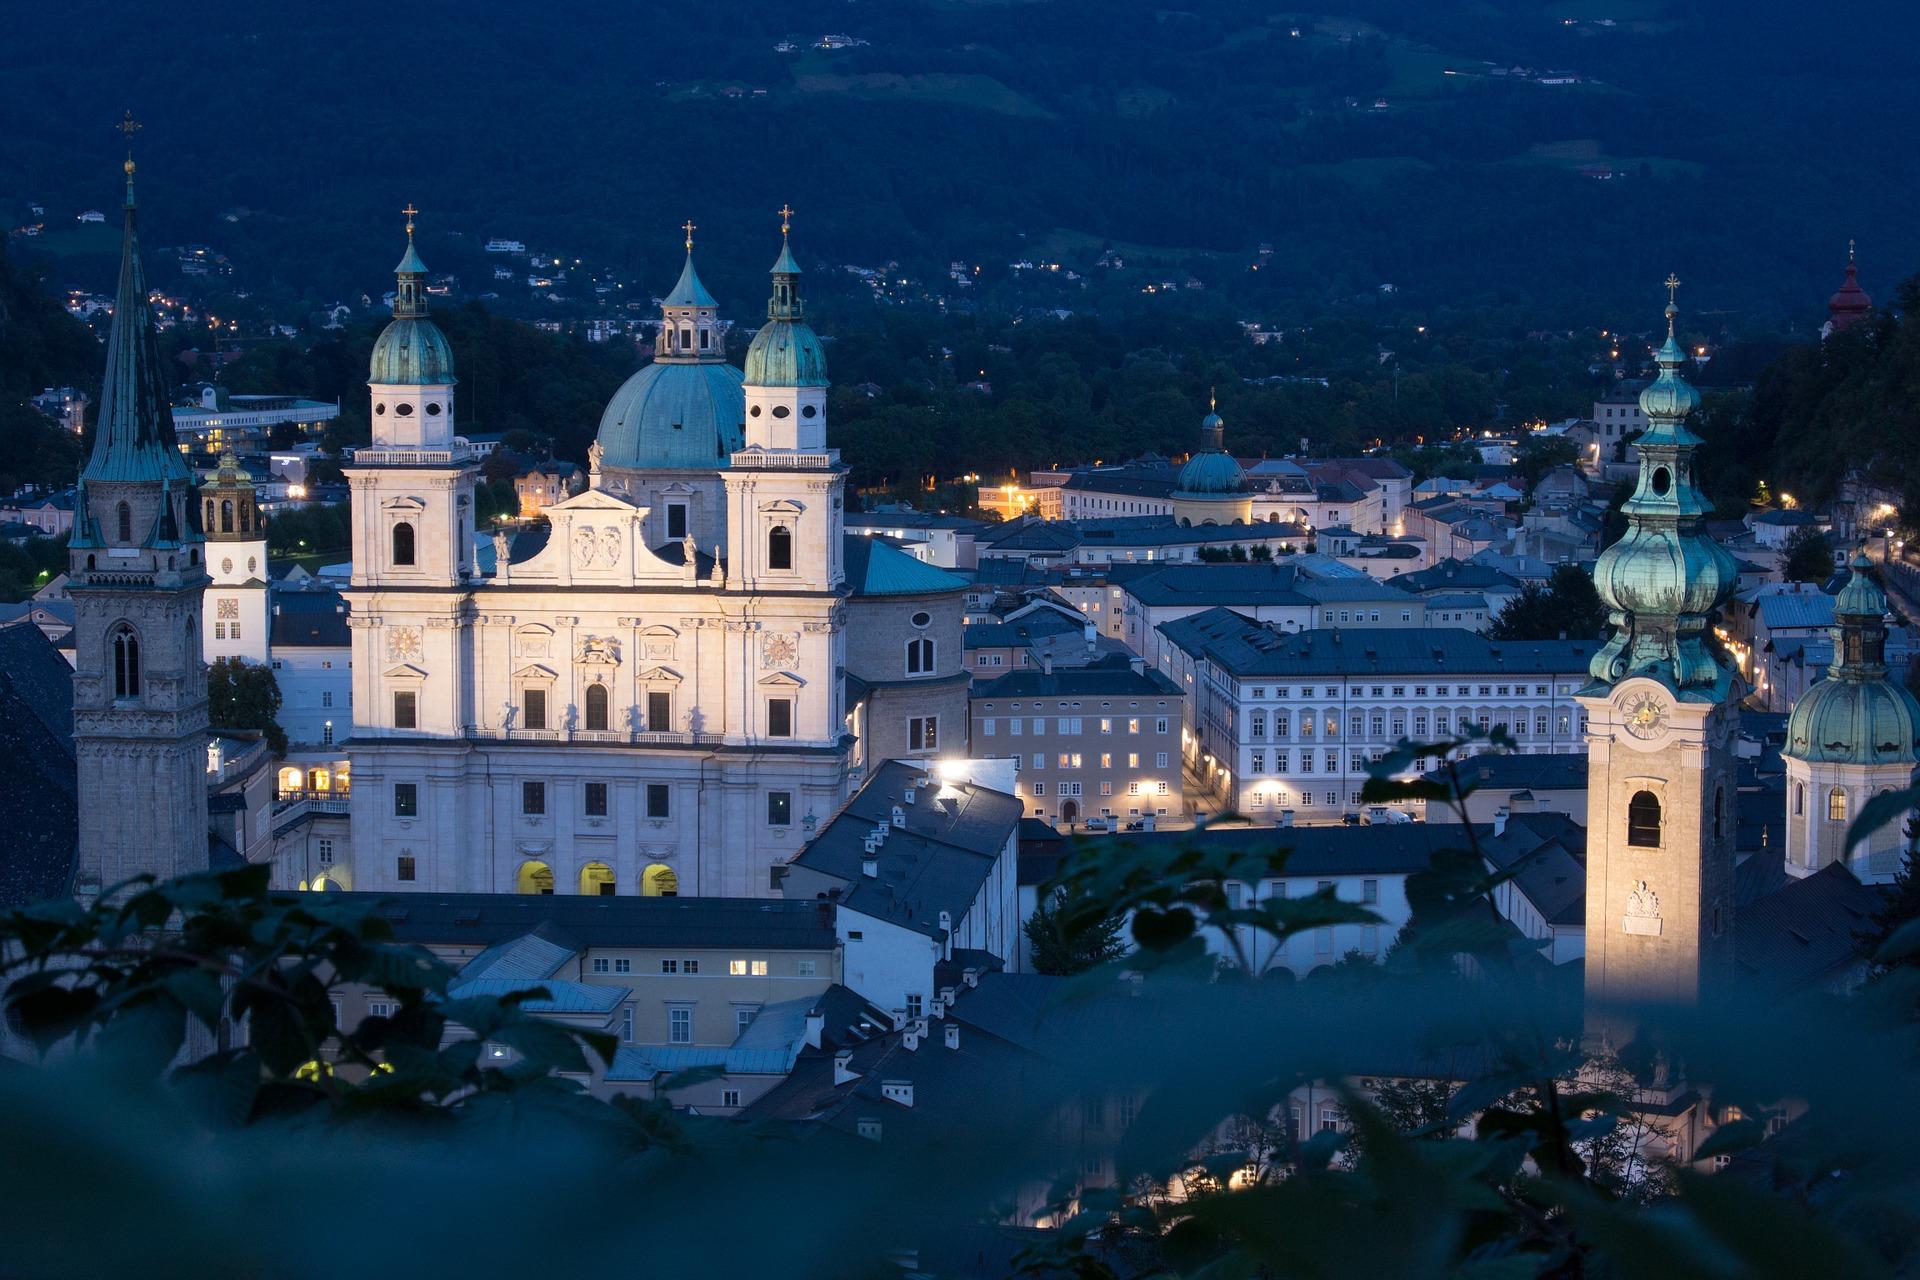 Auch nachts ist Salzburg einen Spaziergang wert, denn dann erstrahlen die schönsten Sehenswürdigkeiten in märchenhaftes Licht